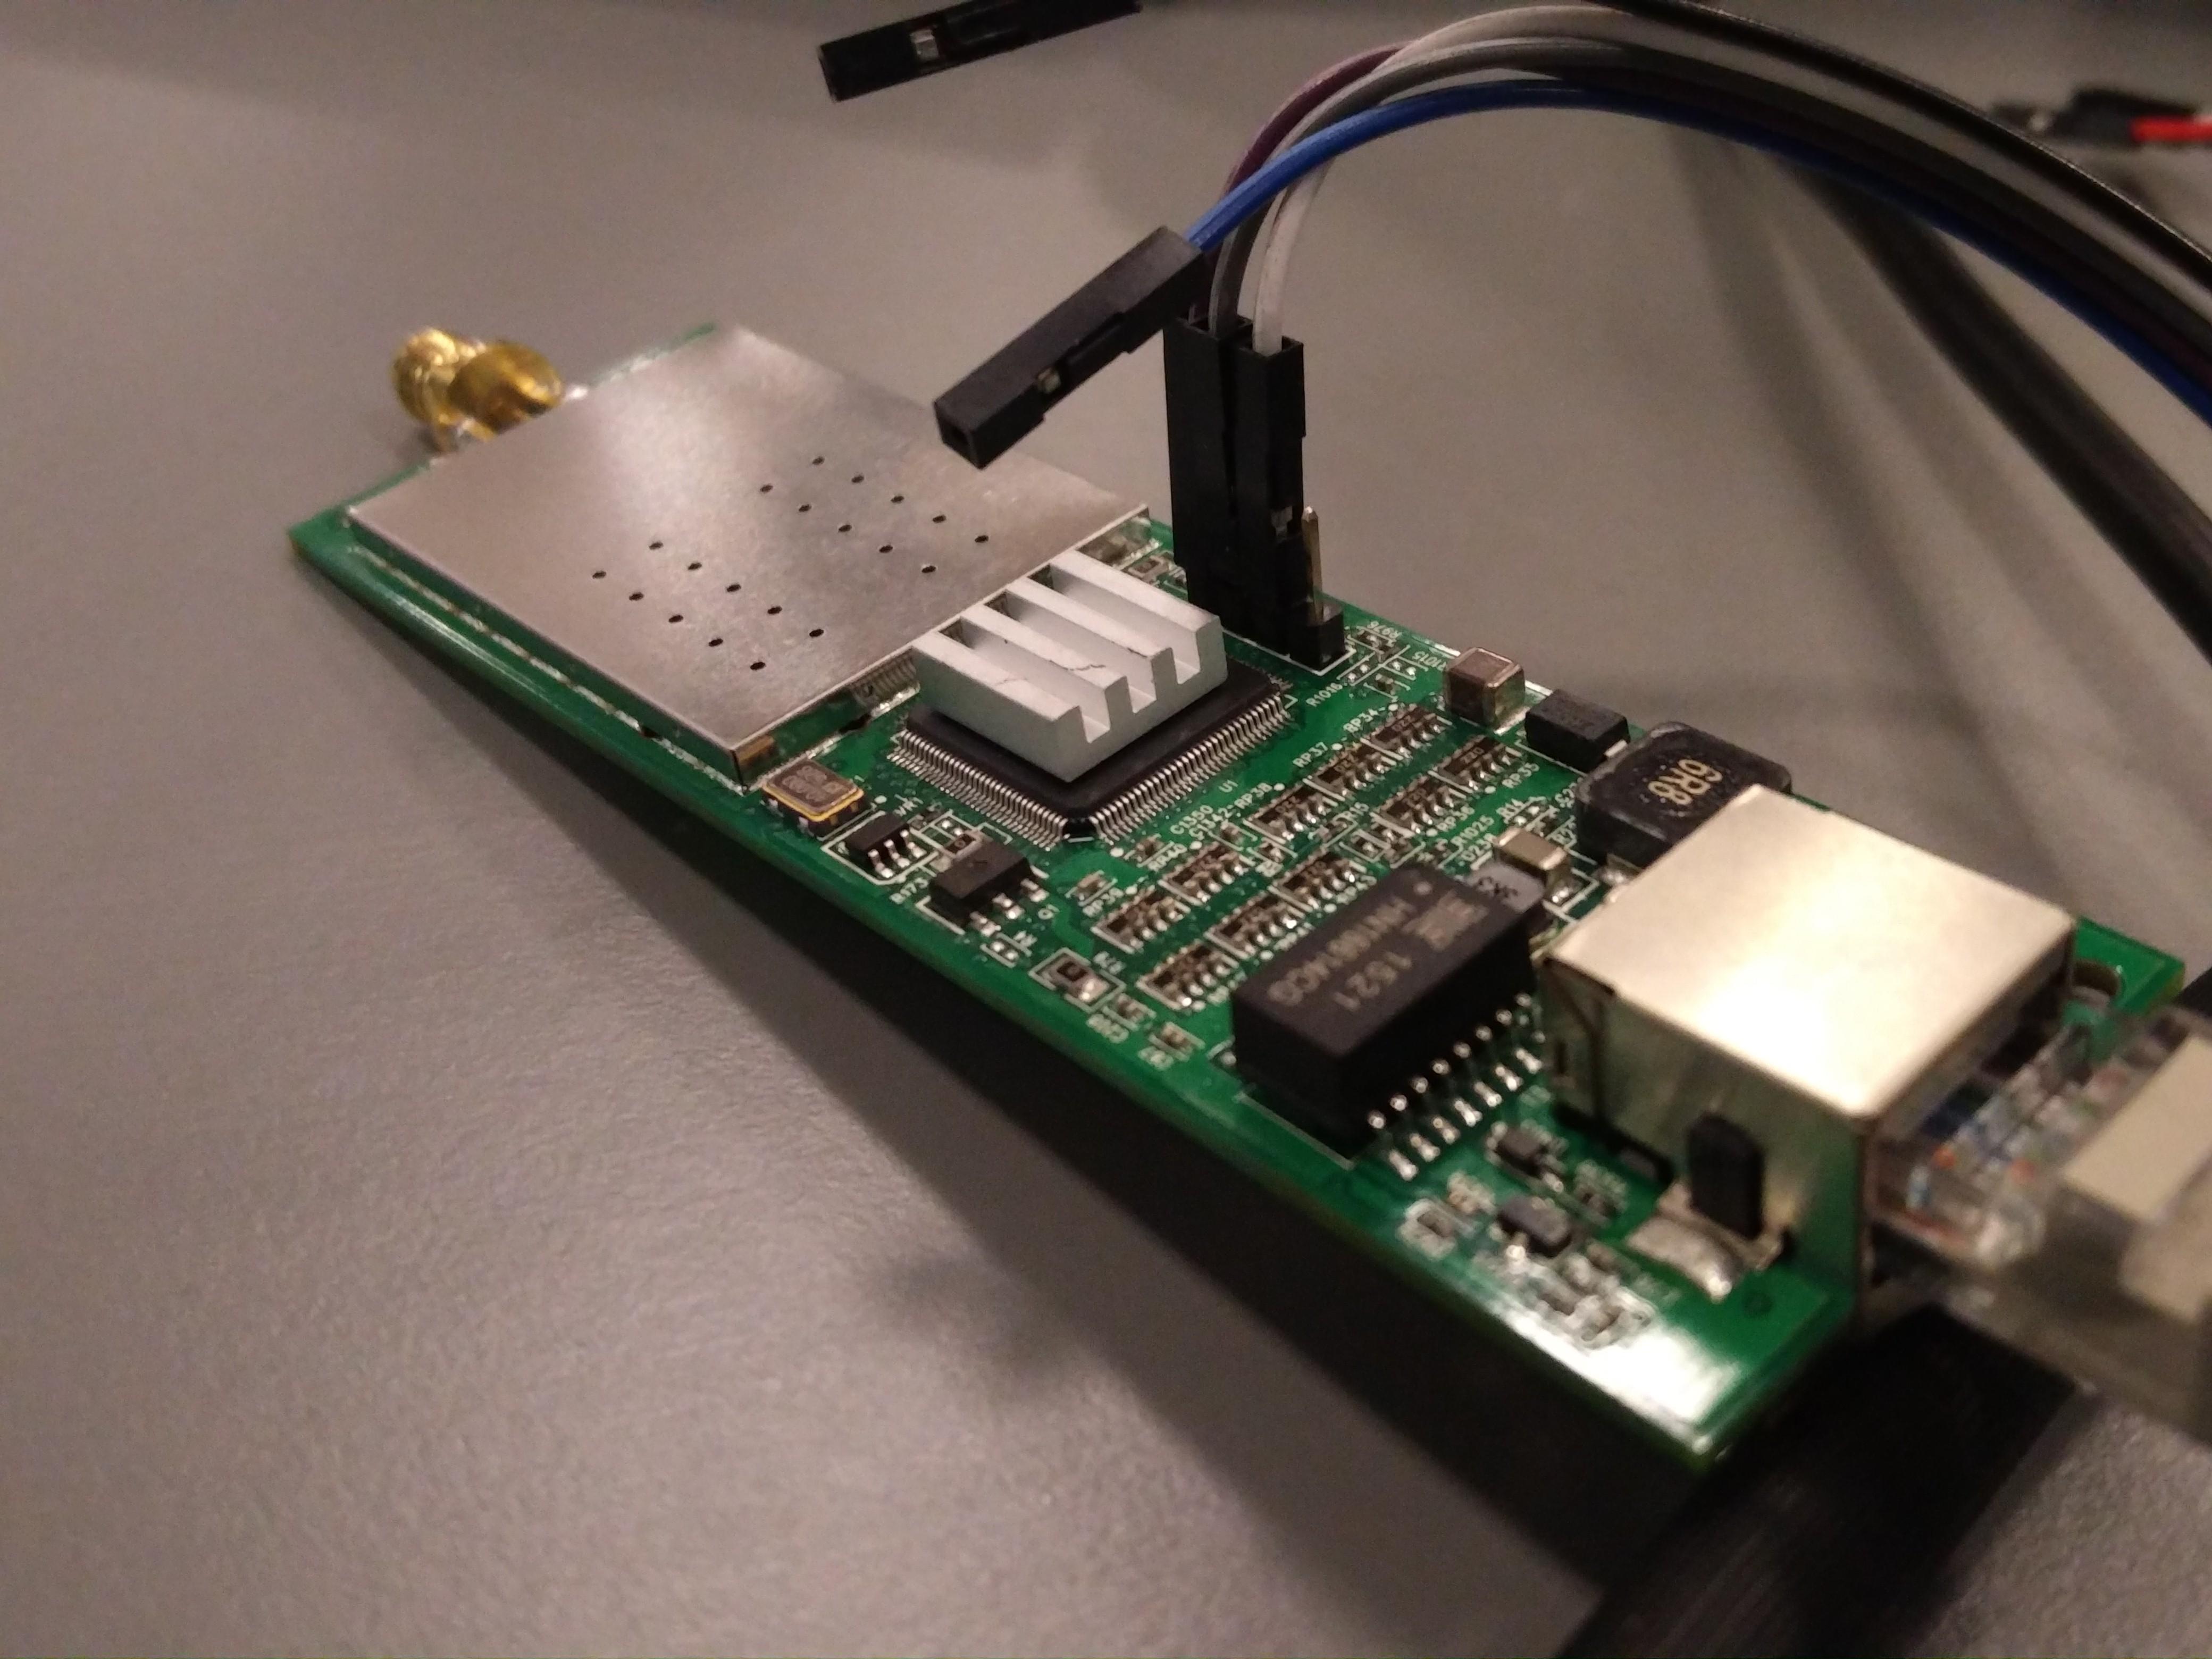 So sieht eine PicoStation ohne Gehäuse aus